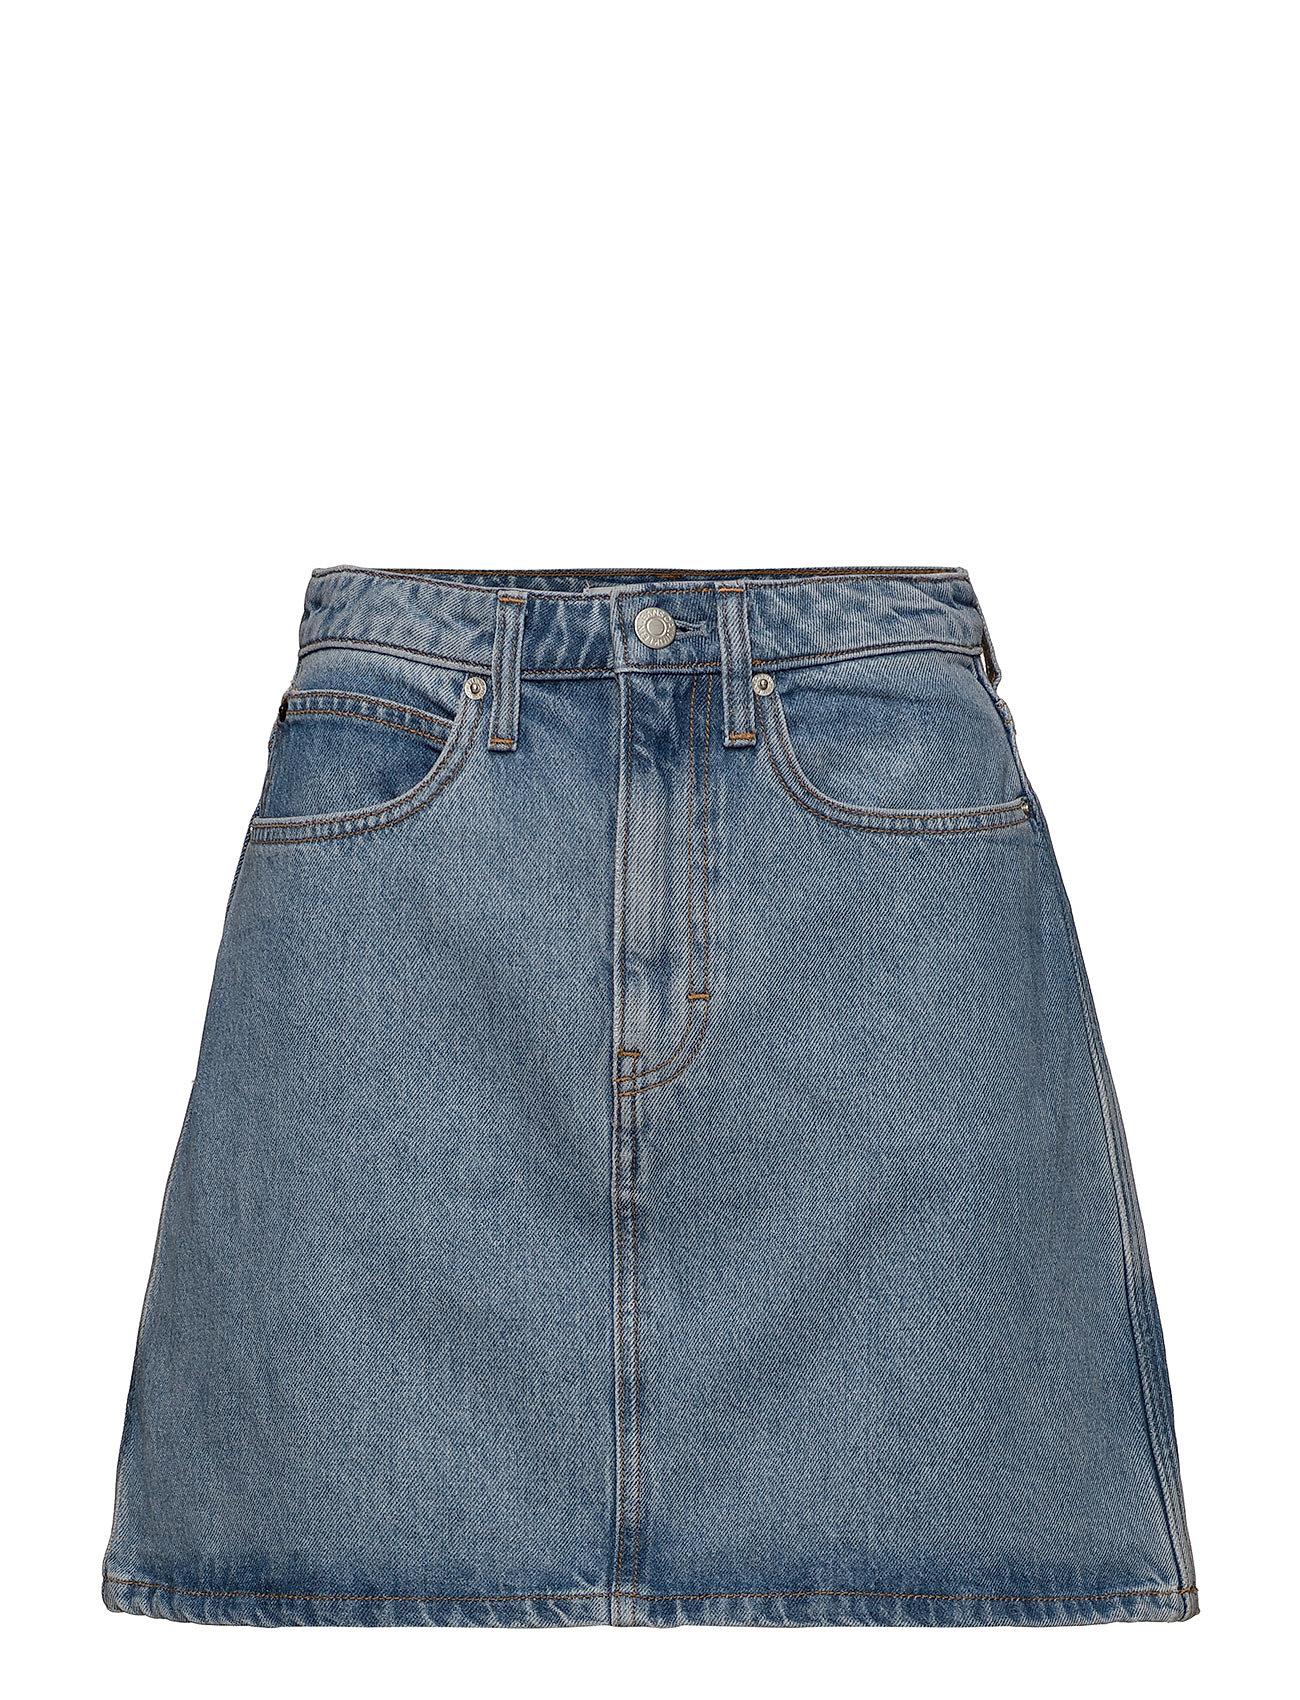 Calvin Klein Jeans HR mini skirt - LIGHT STONE